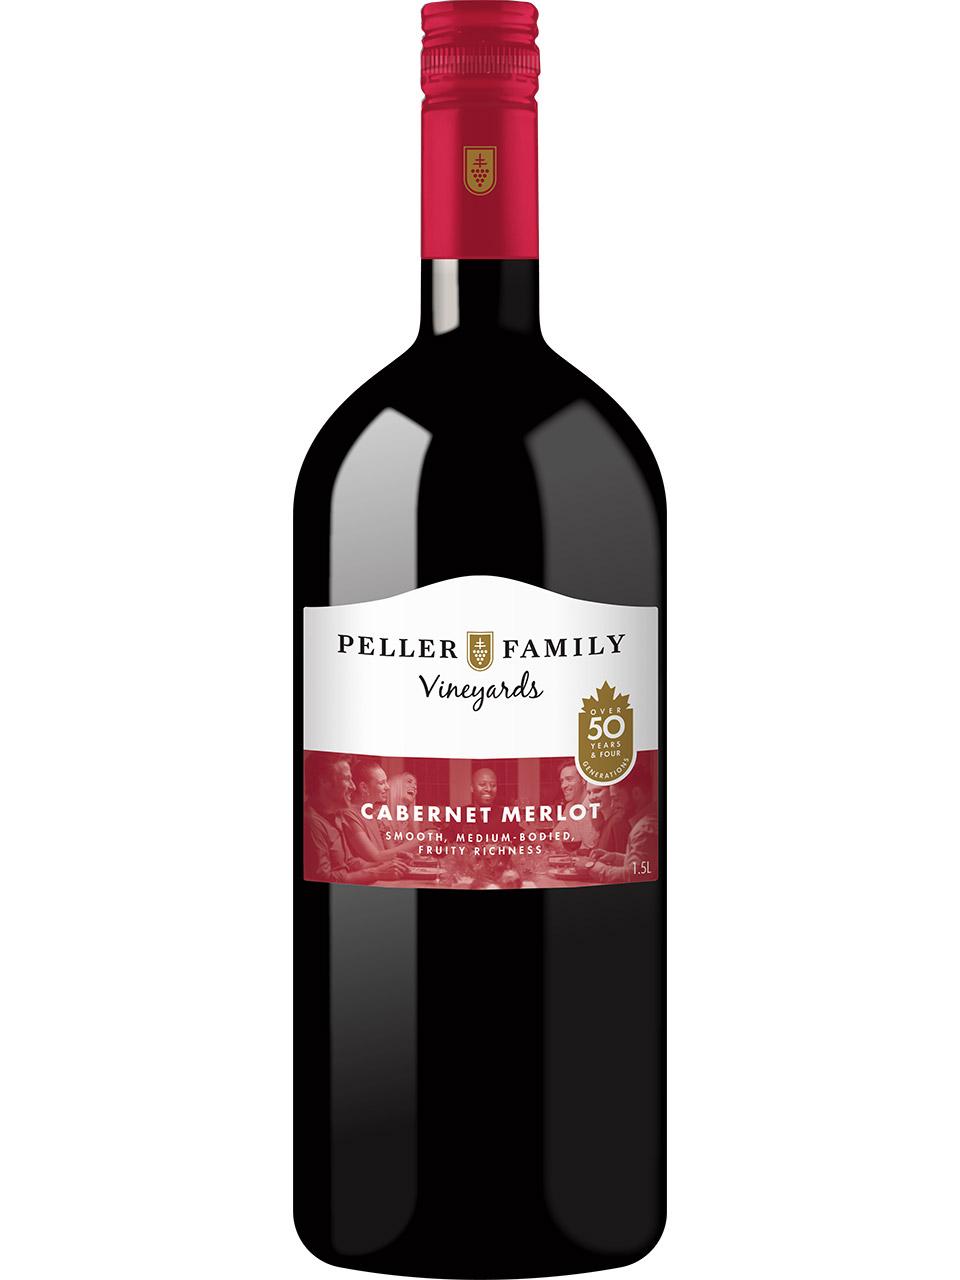 Peller Family Vineyards Cabernet Merlot